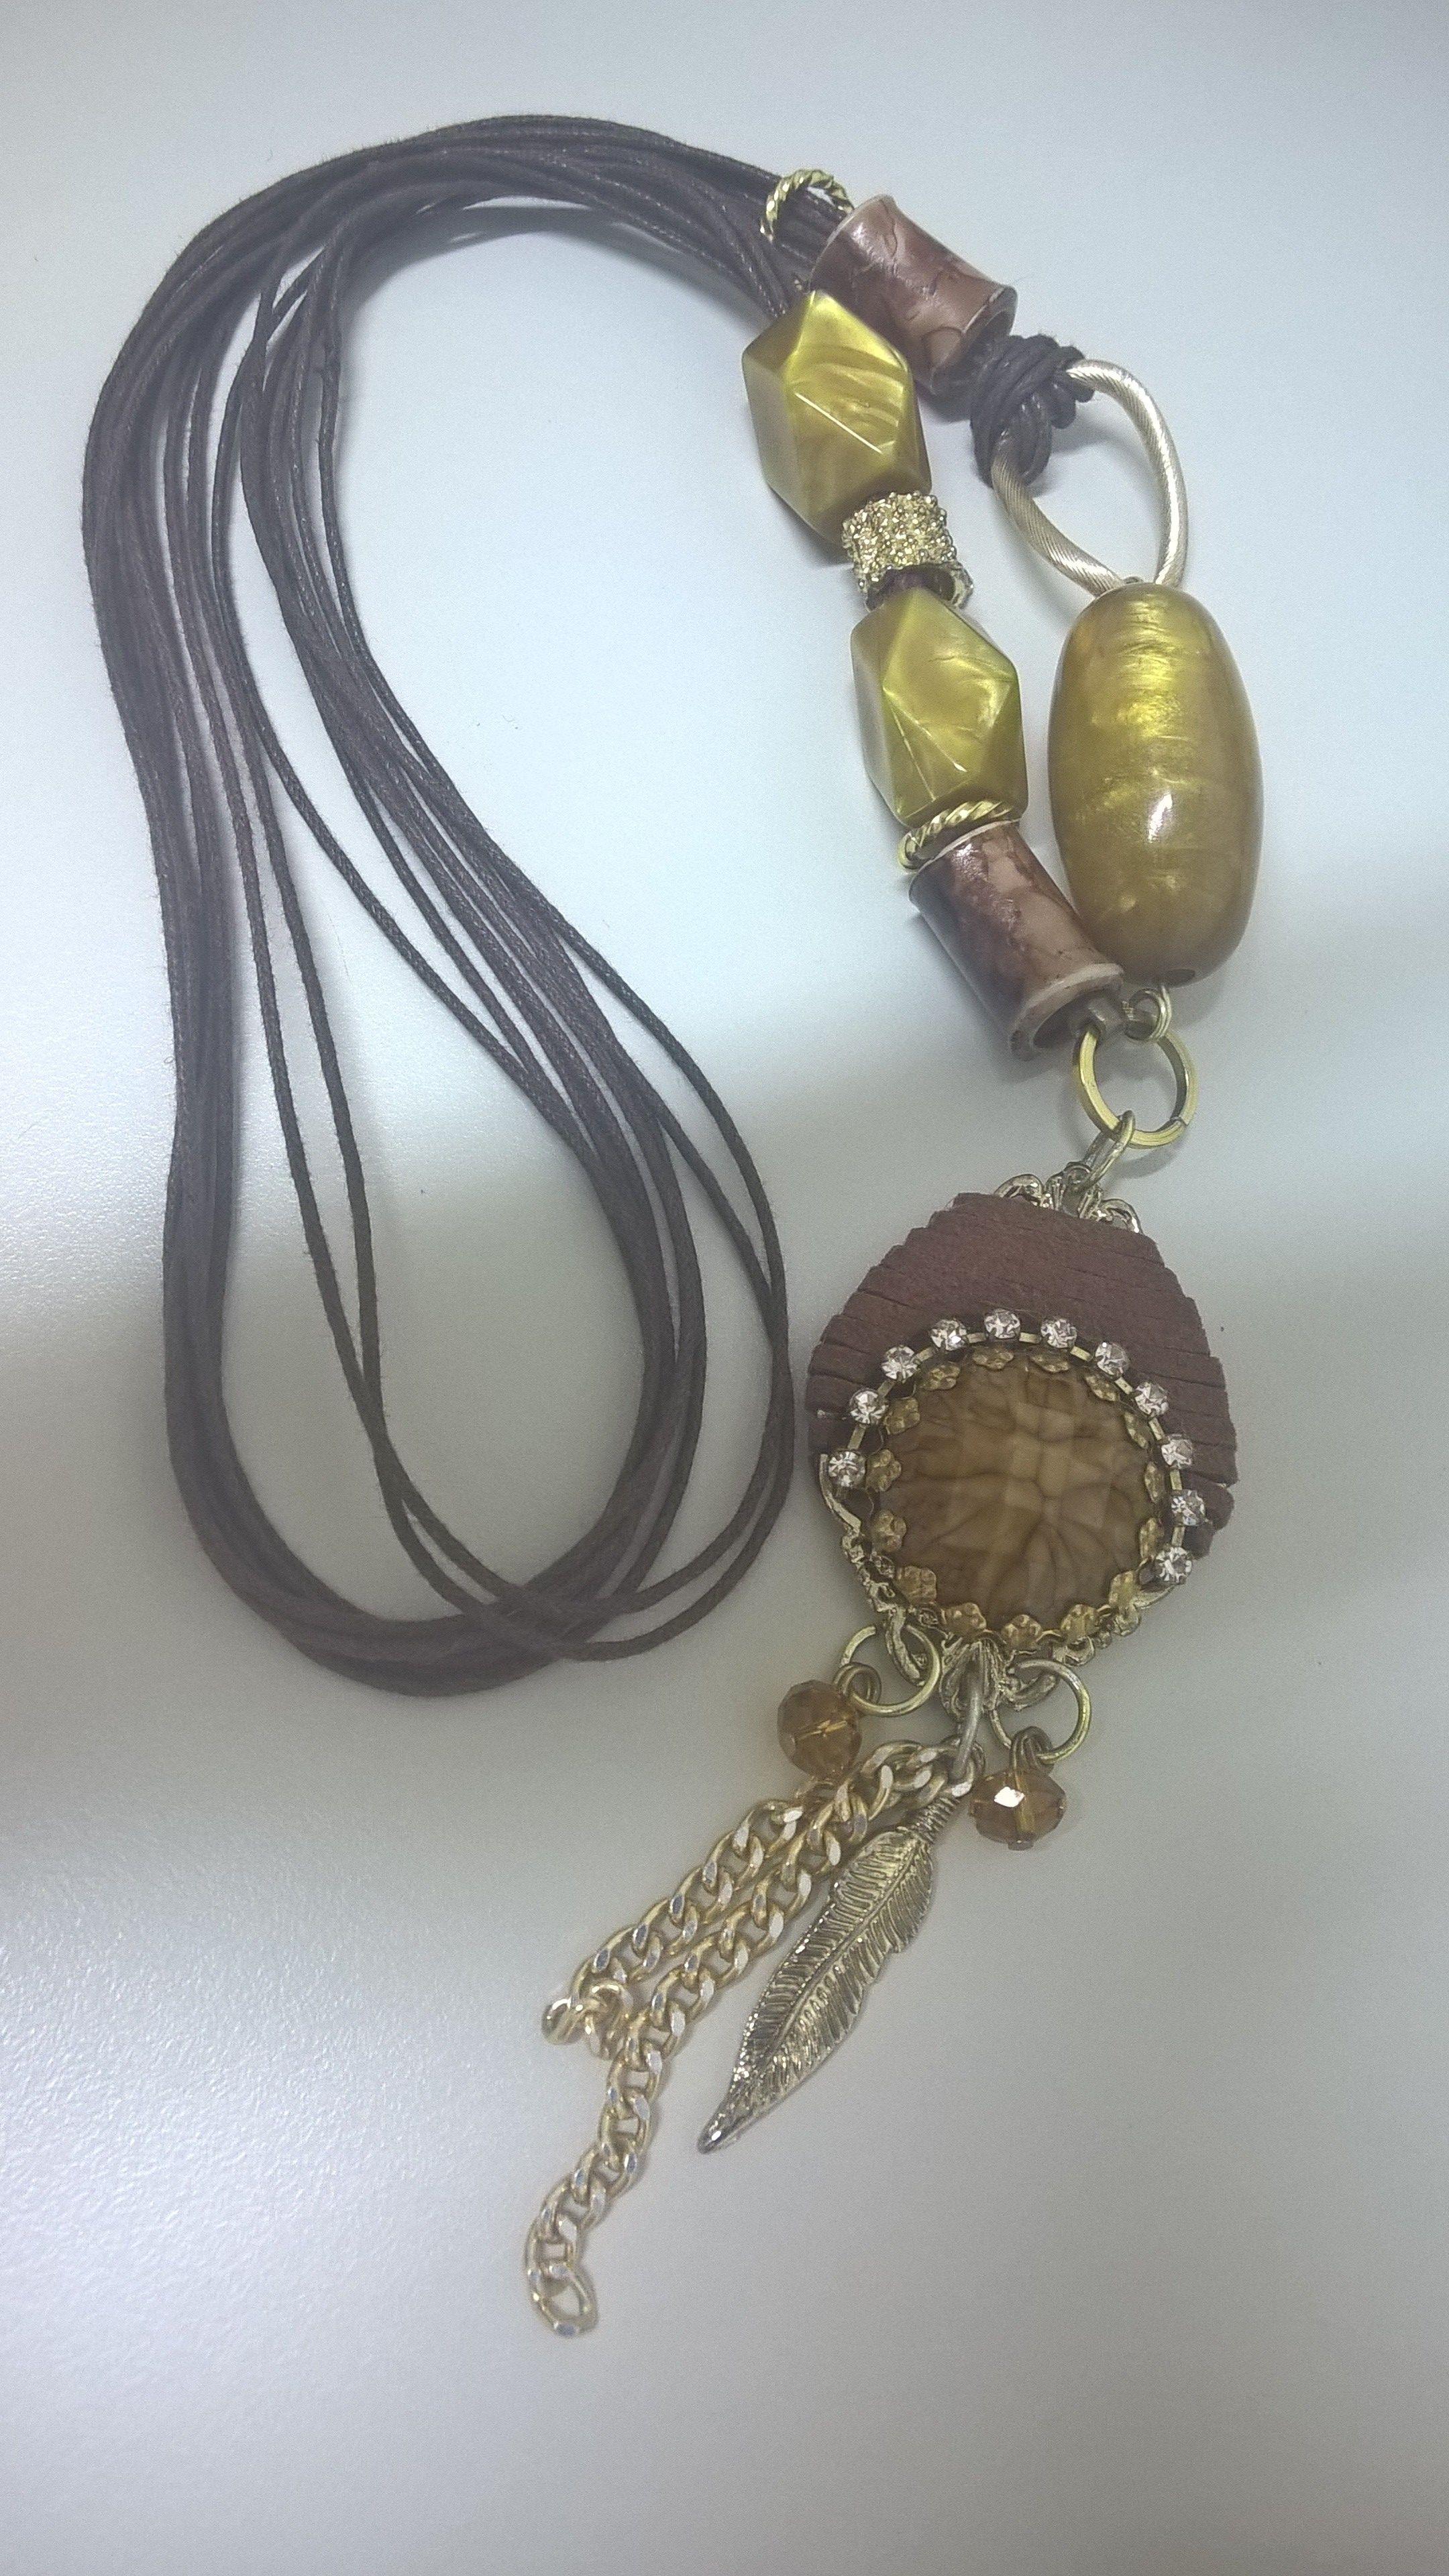 Colar cordão encerado, courinho, metais e miçangas